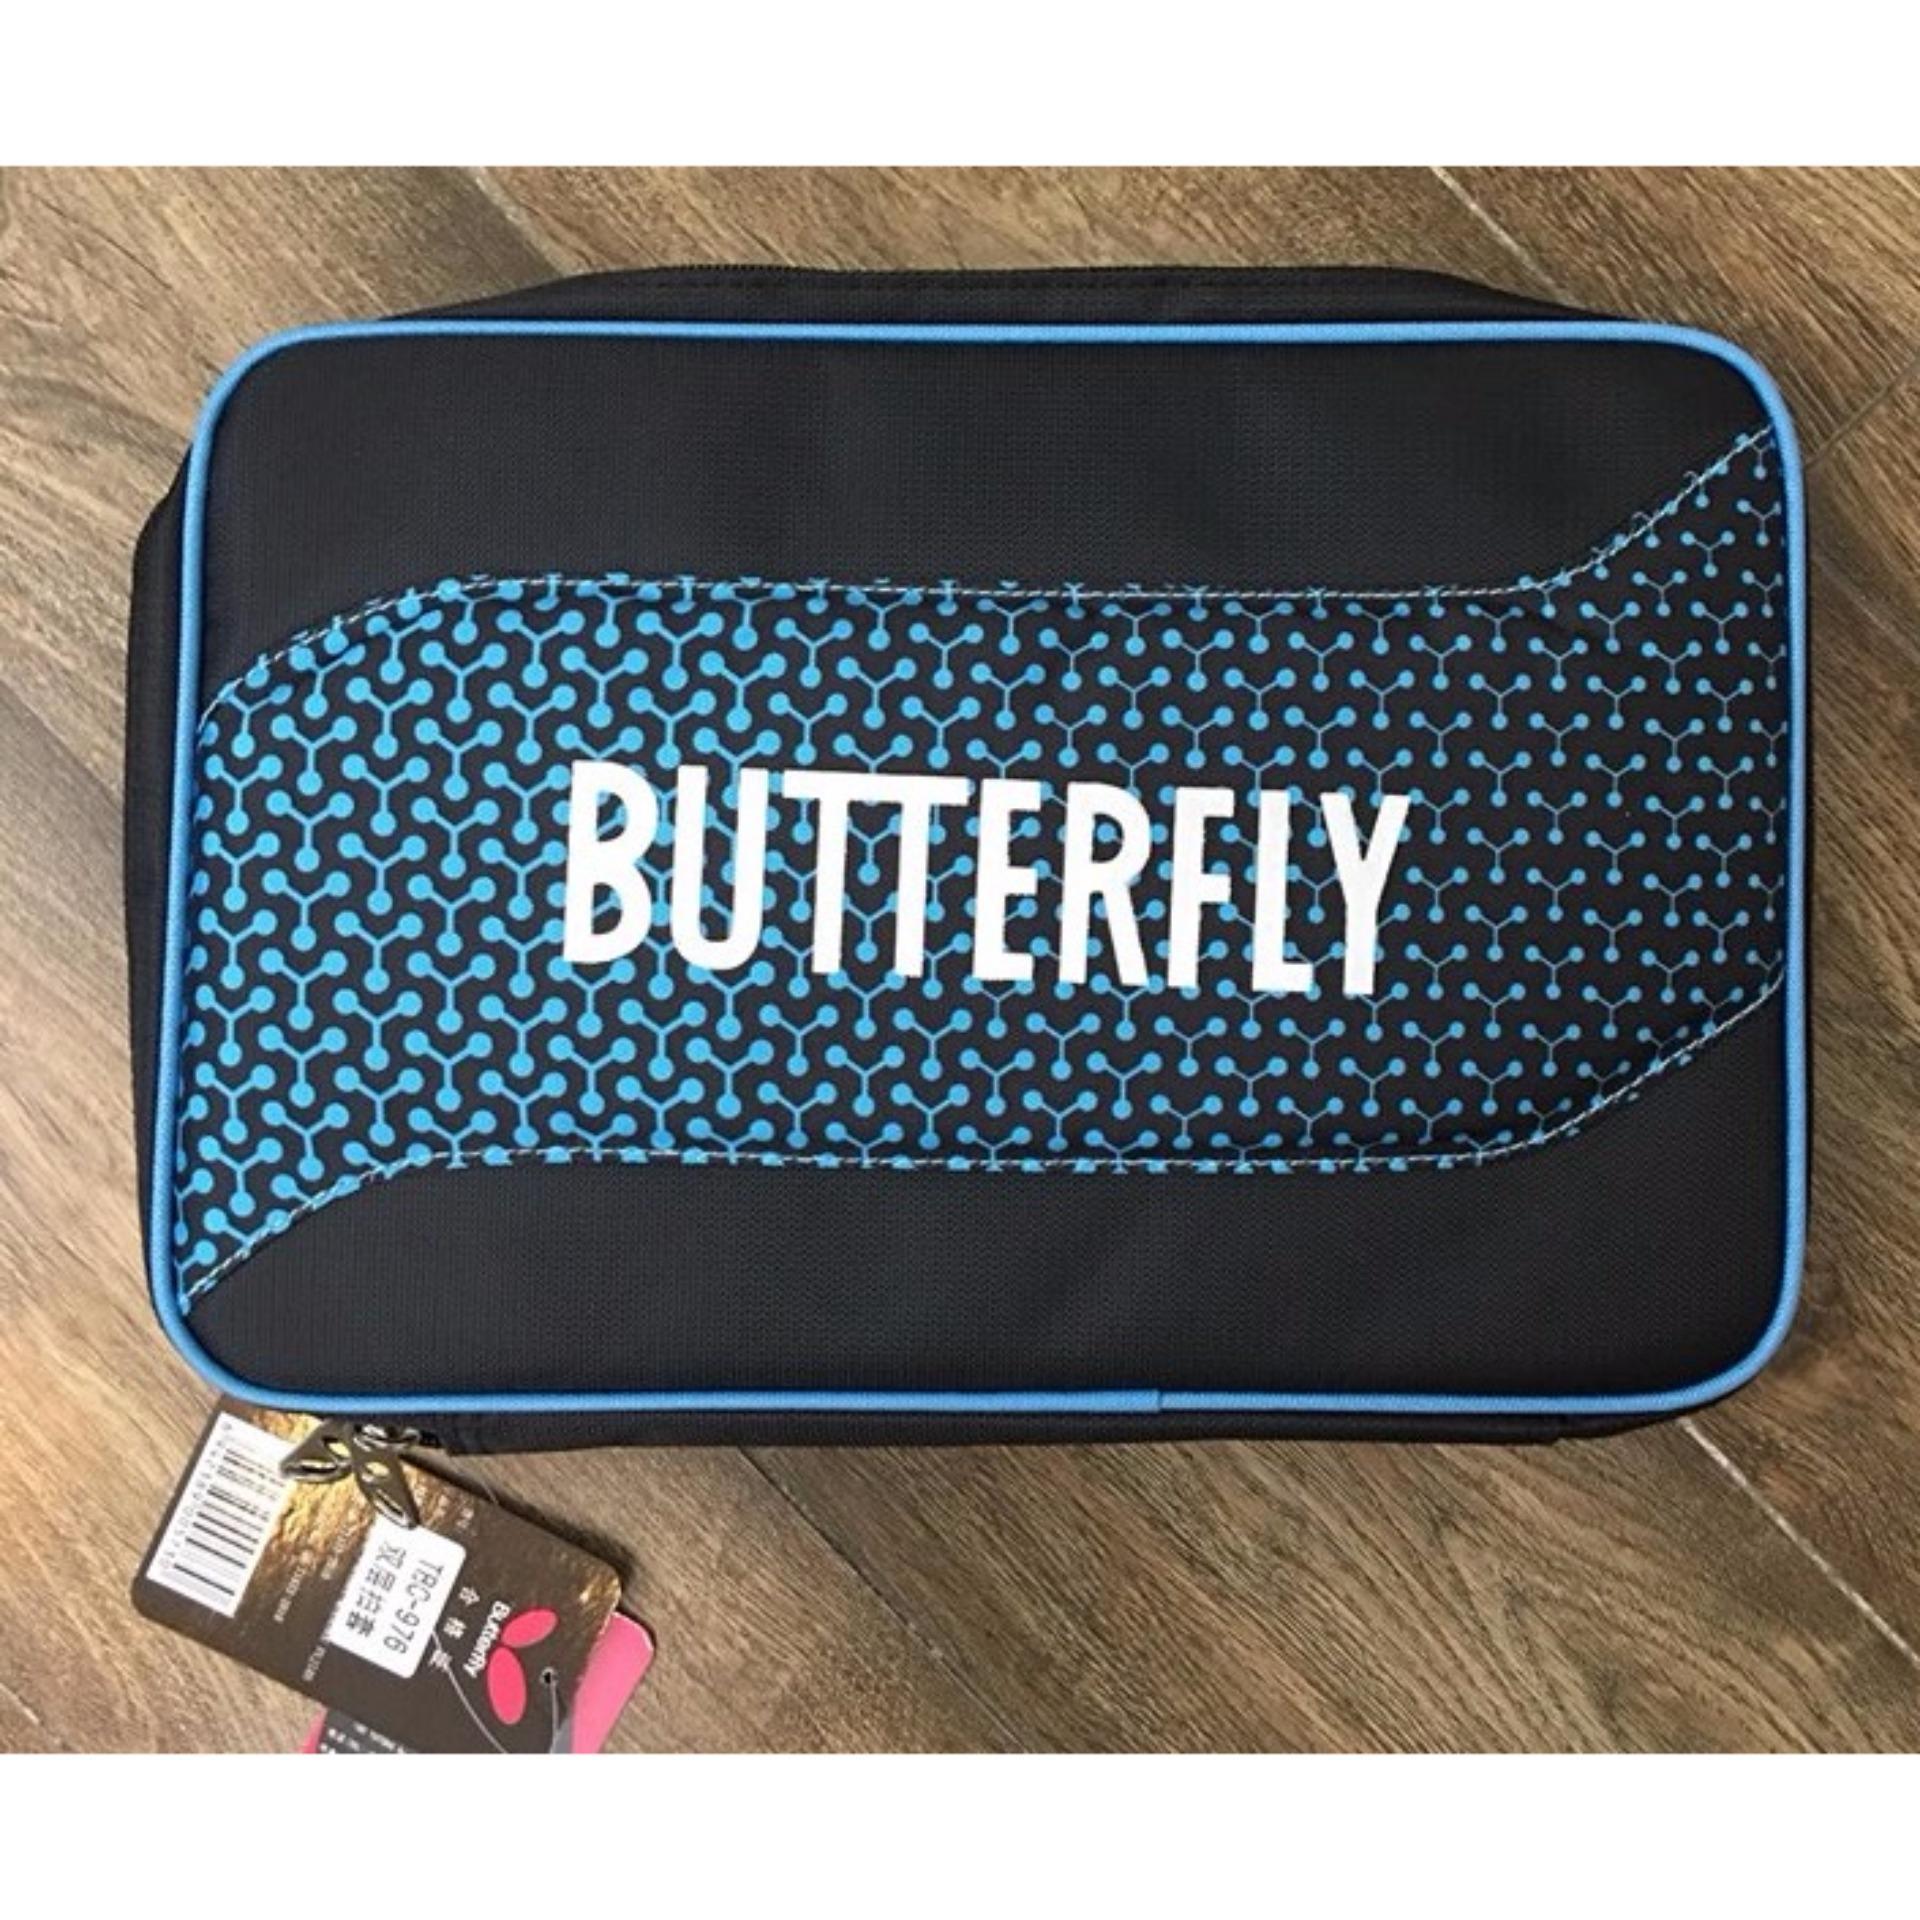 Túi đựng vợt BUTTERFLY vuông (hàng việt nam chất lượng cao)